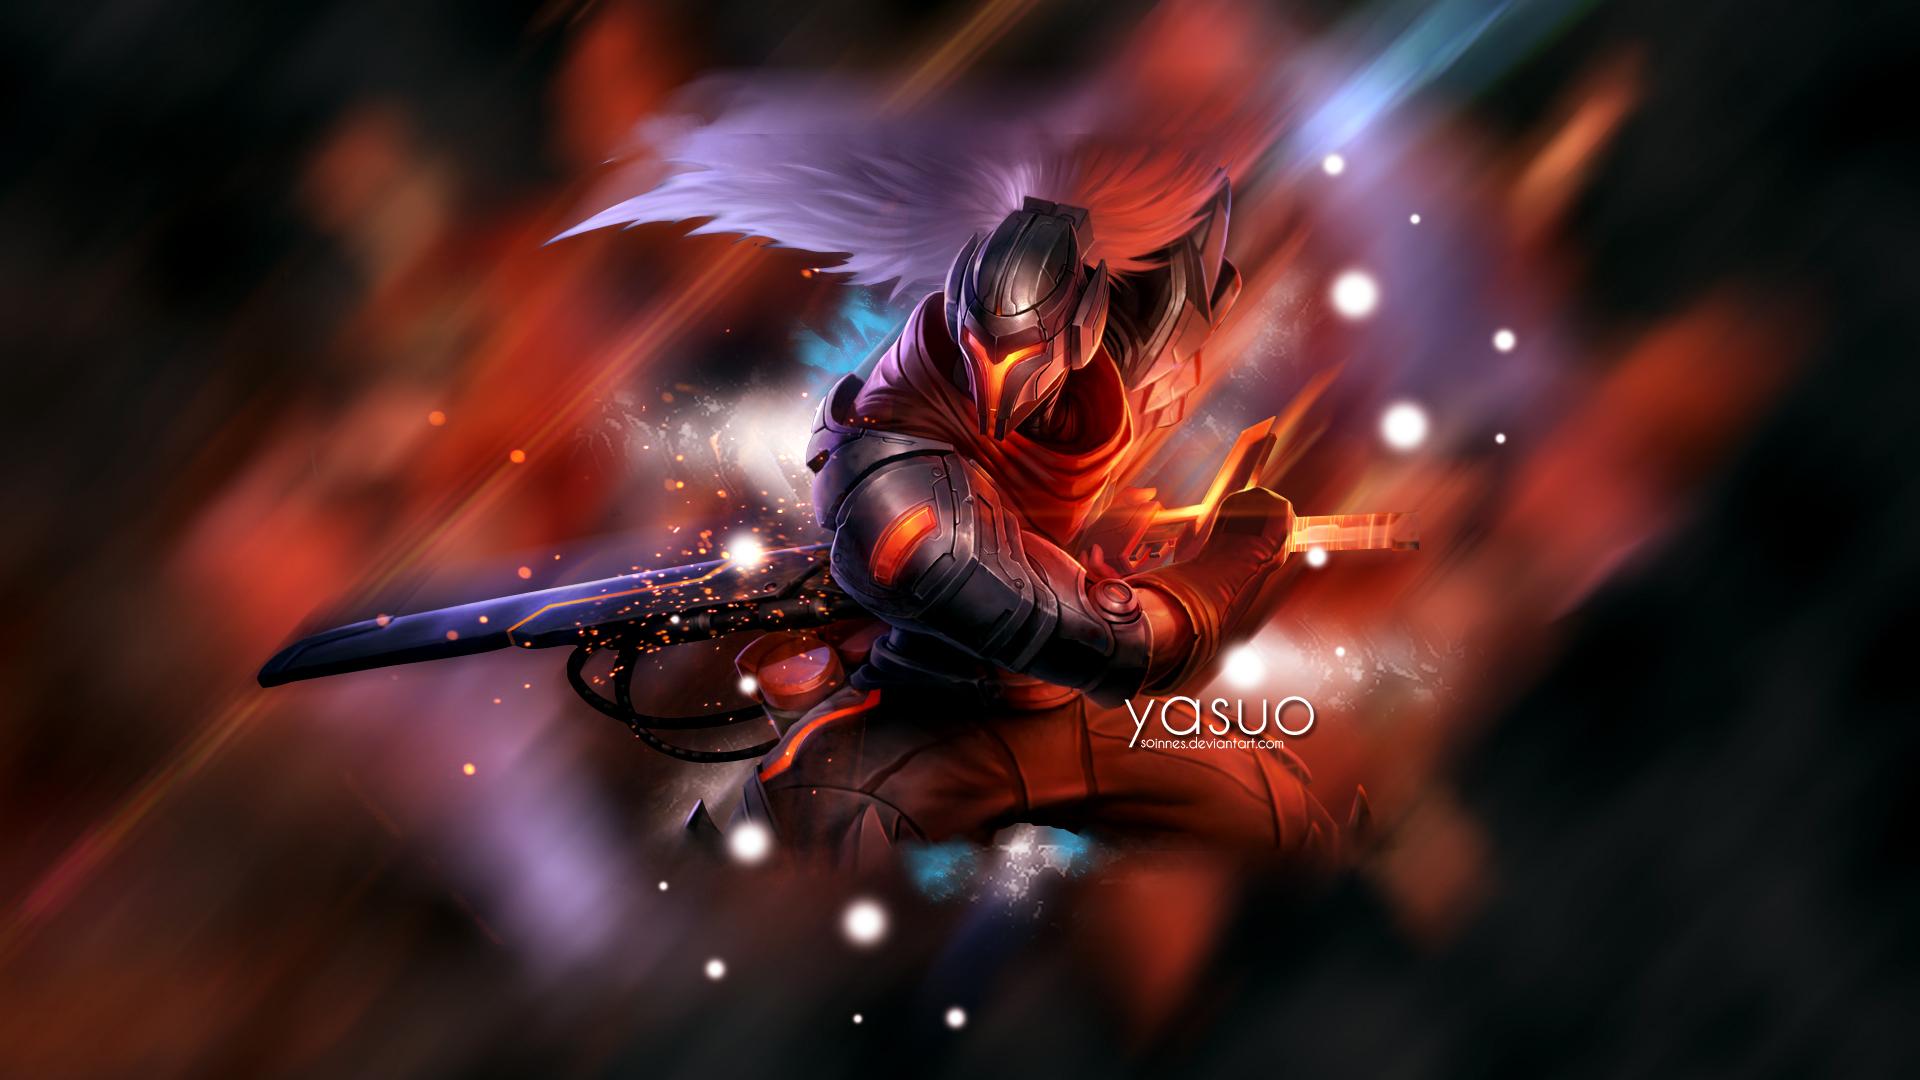 Hd wallpaper zed - League Of Legends Yasuo By Soinnes On Deviantart